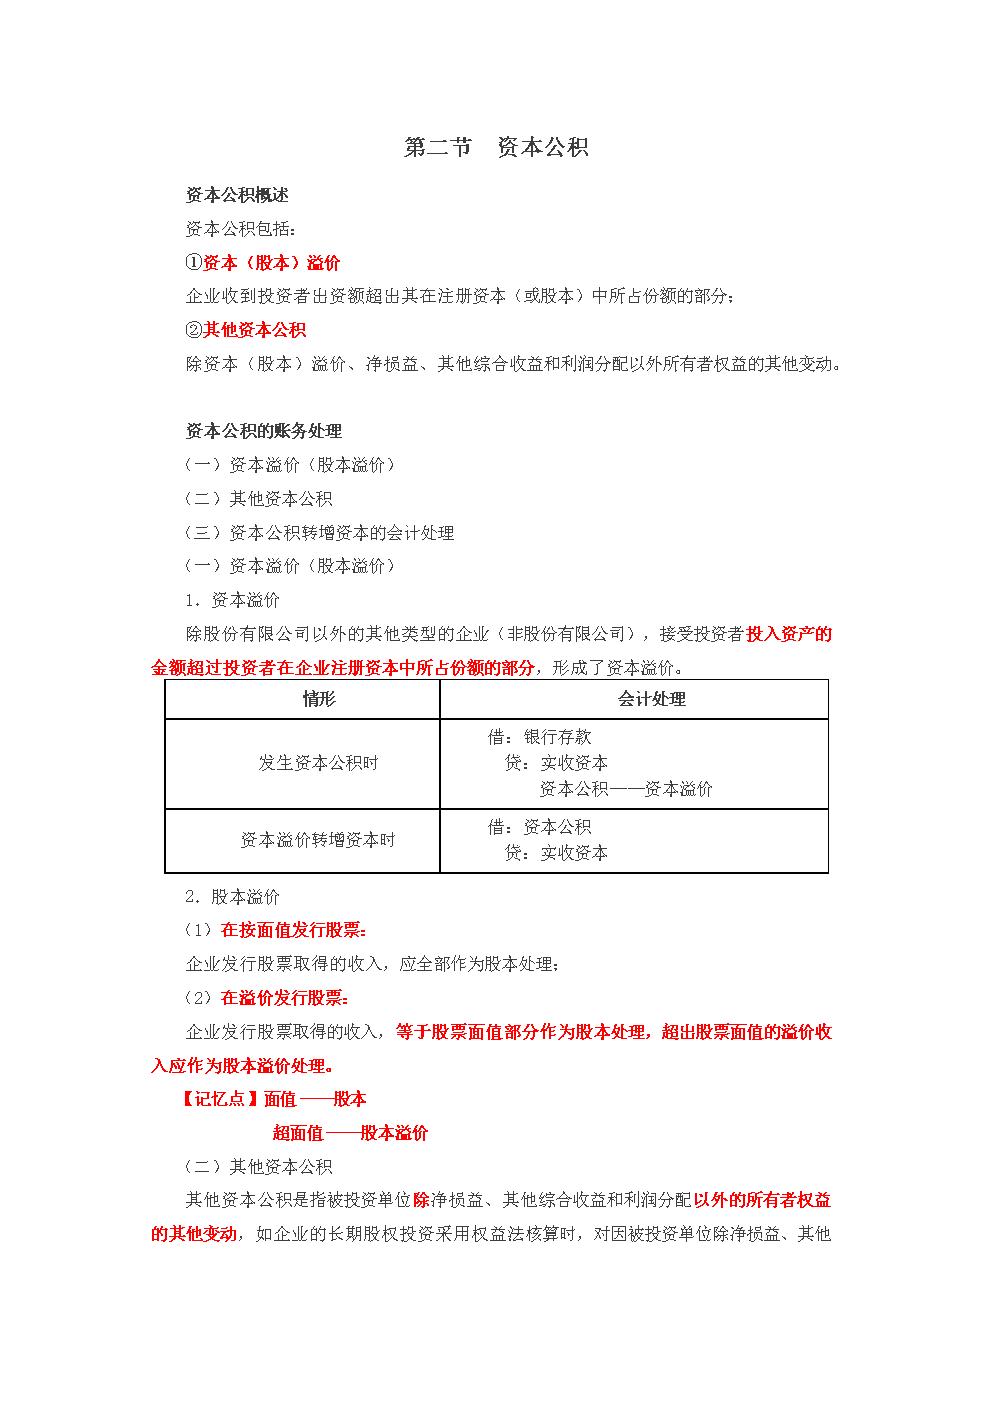 会计实务第四章第二、四节资本公积+留存收益.doc